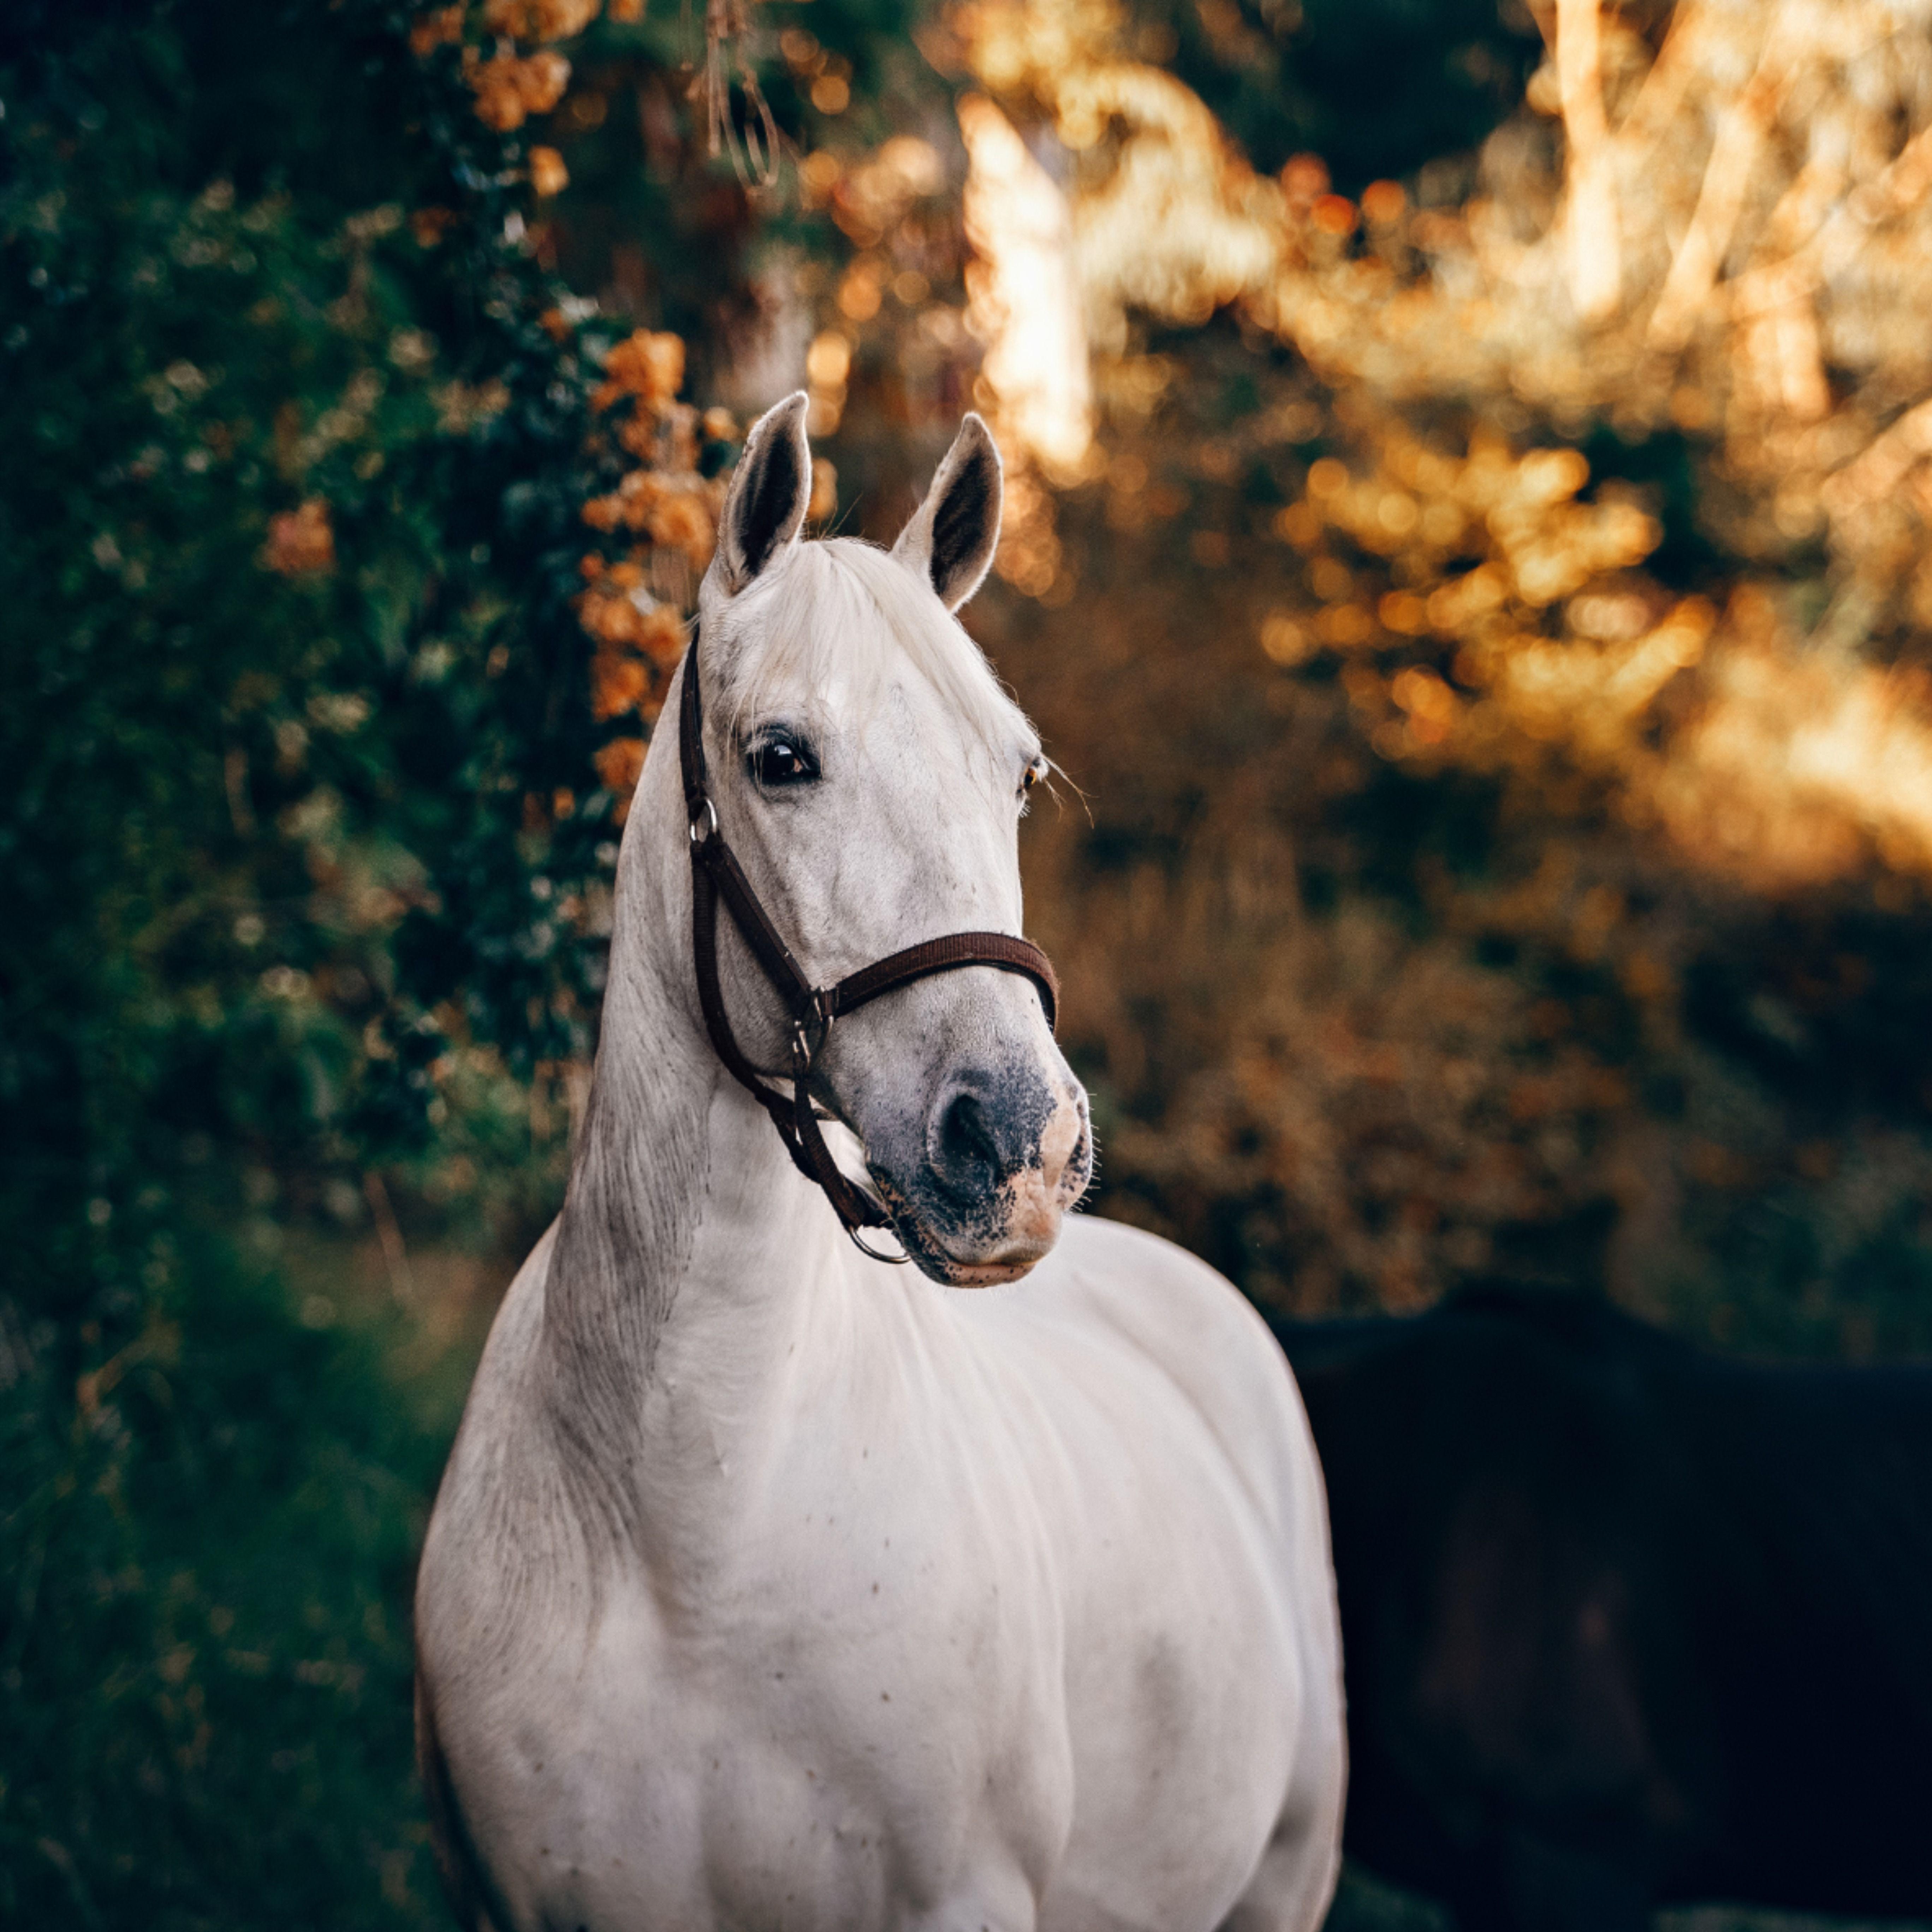 Pin Von Zooroyal Auf Haustiere In 2020 Pferde Schone Pferde Pferd